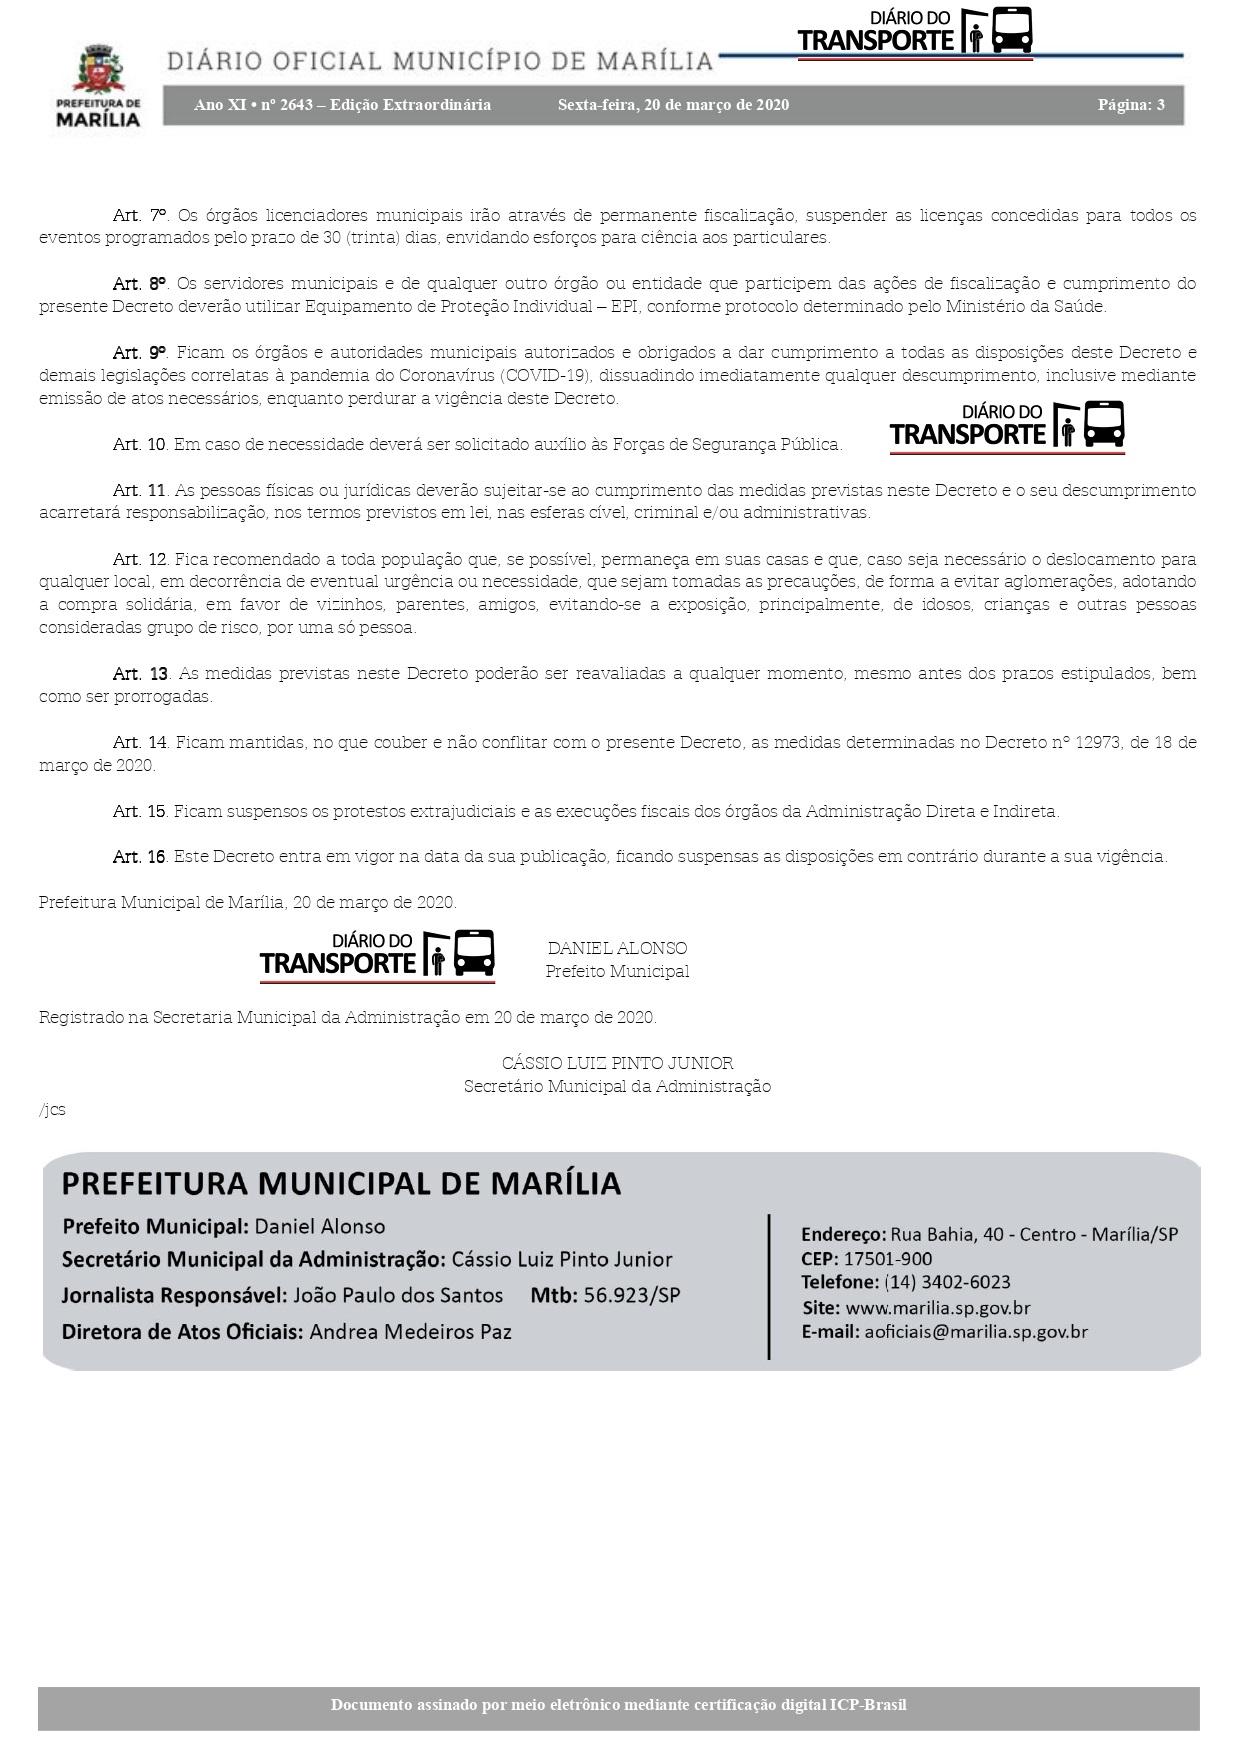 decreto marilia_03